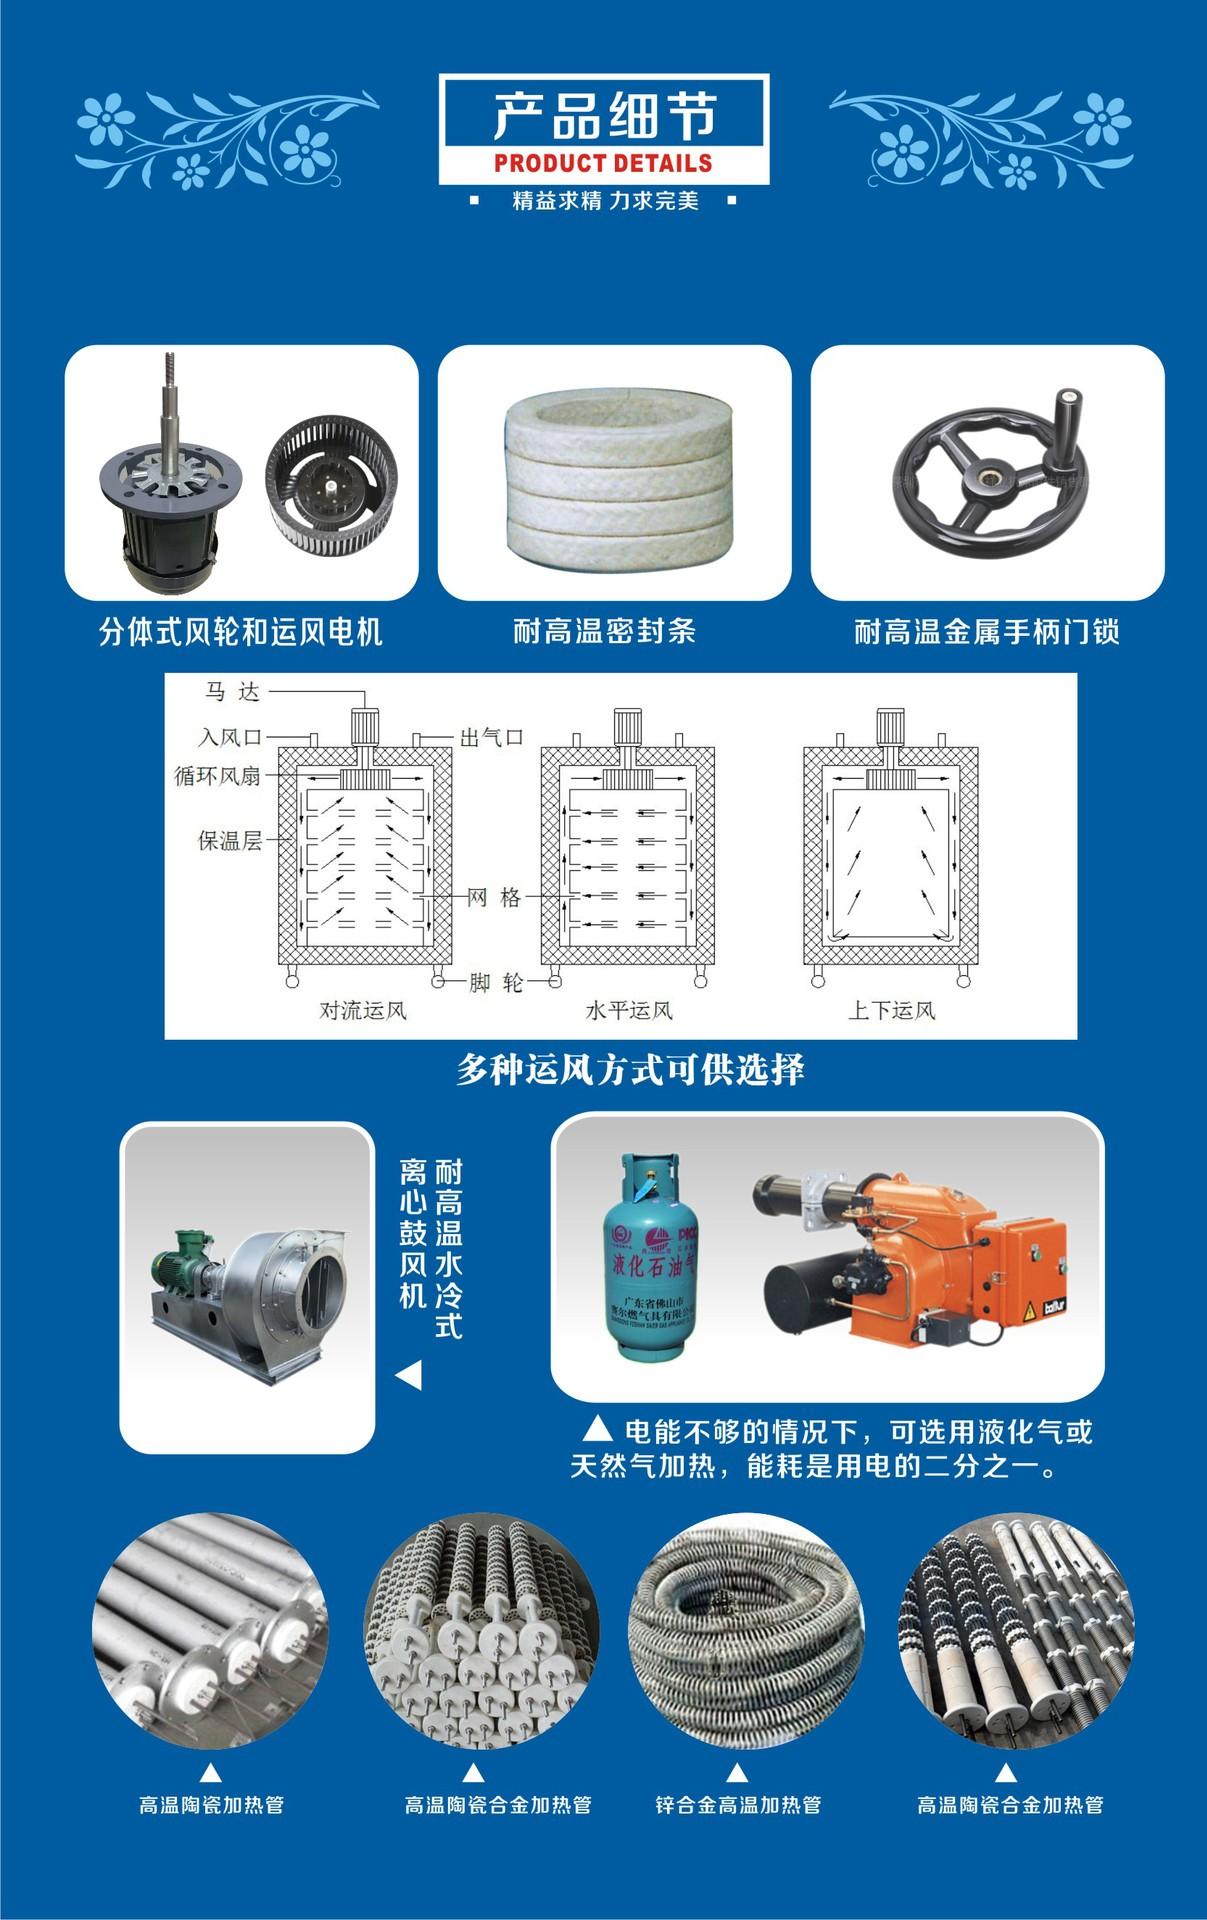 03高温烤箱产品细节.jpg